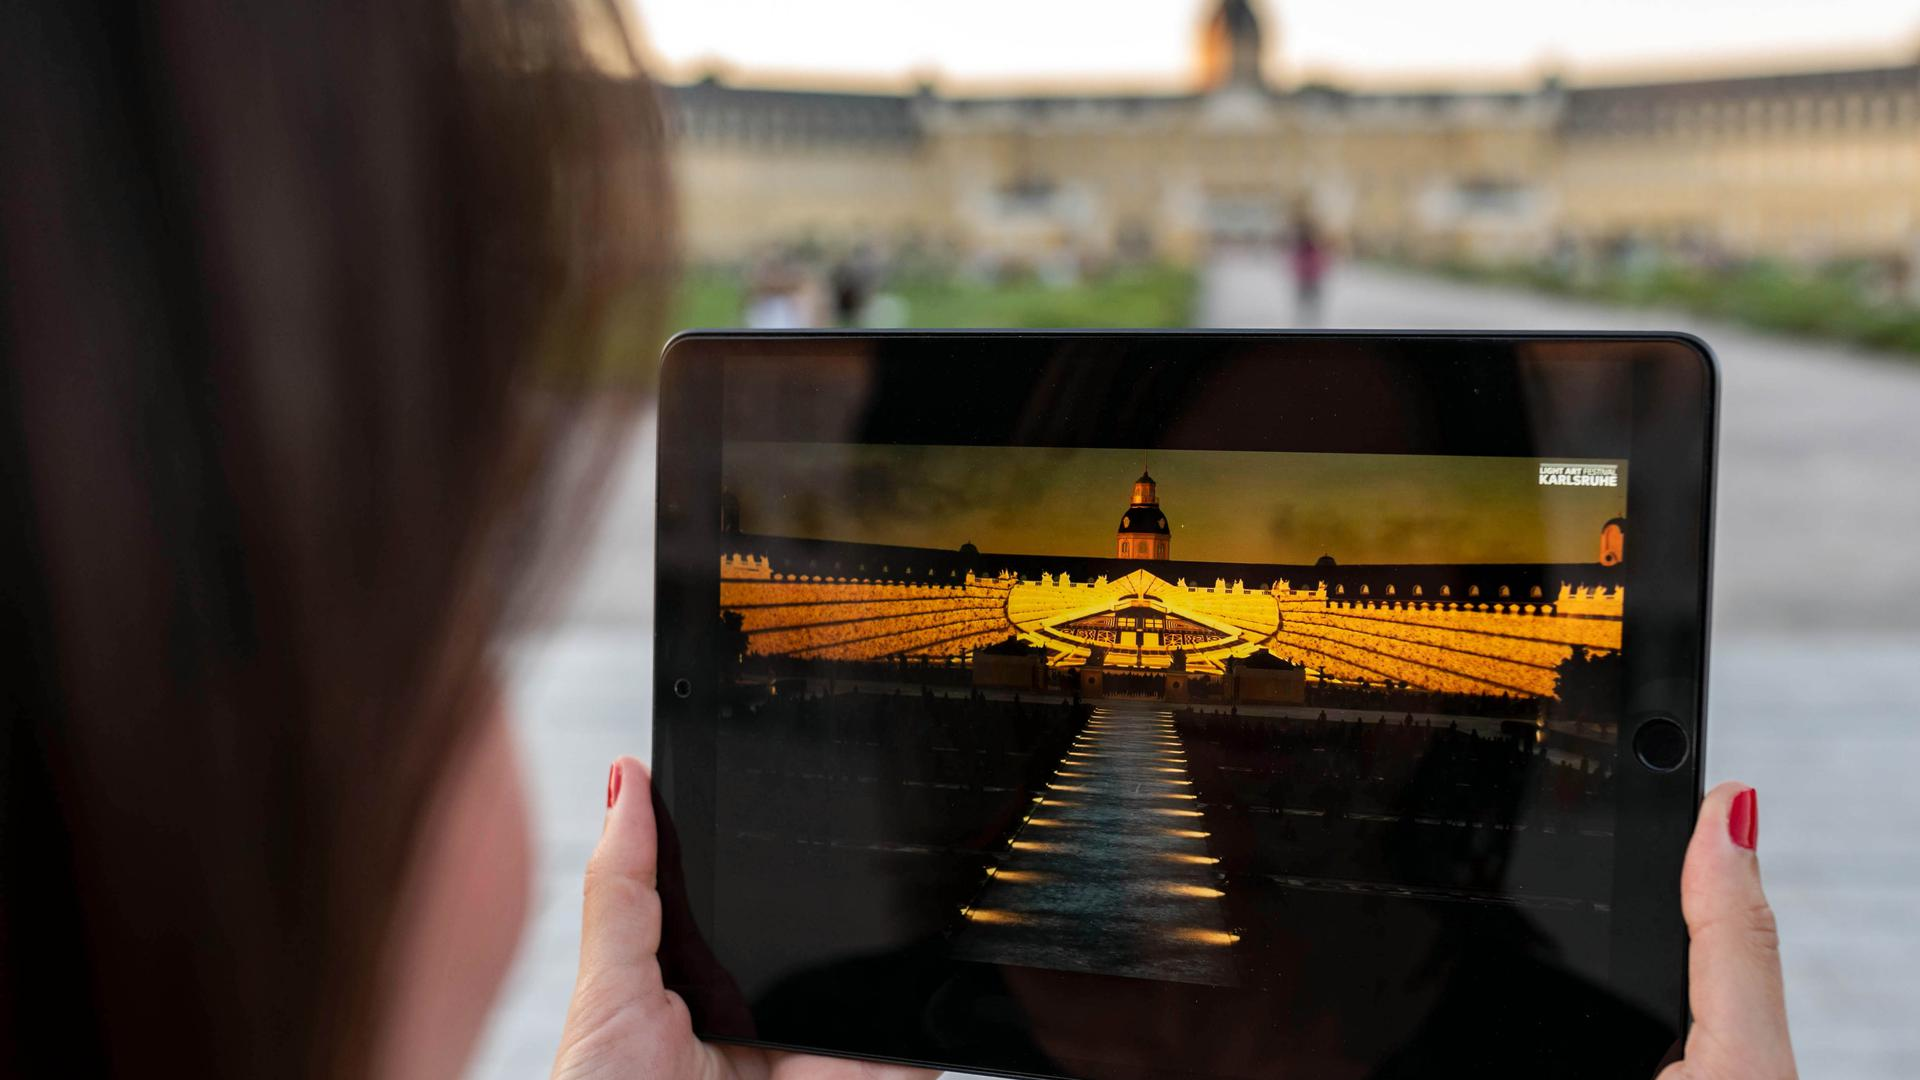 Vor dem Schloss Karlsruhe betrachtet eine Person auf einem Tablet einen Teil der Schlosslichtspiele, die 2020 wegen der Corona-Pandemie virtuell im Internet stattfinden mussten.